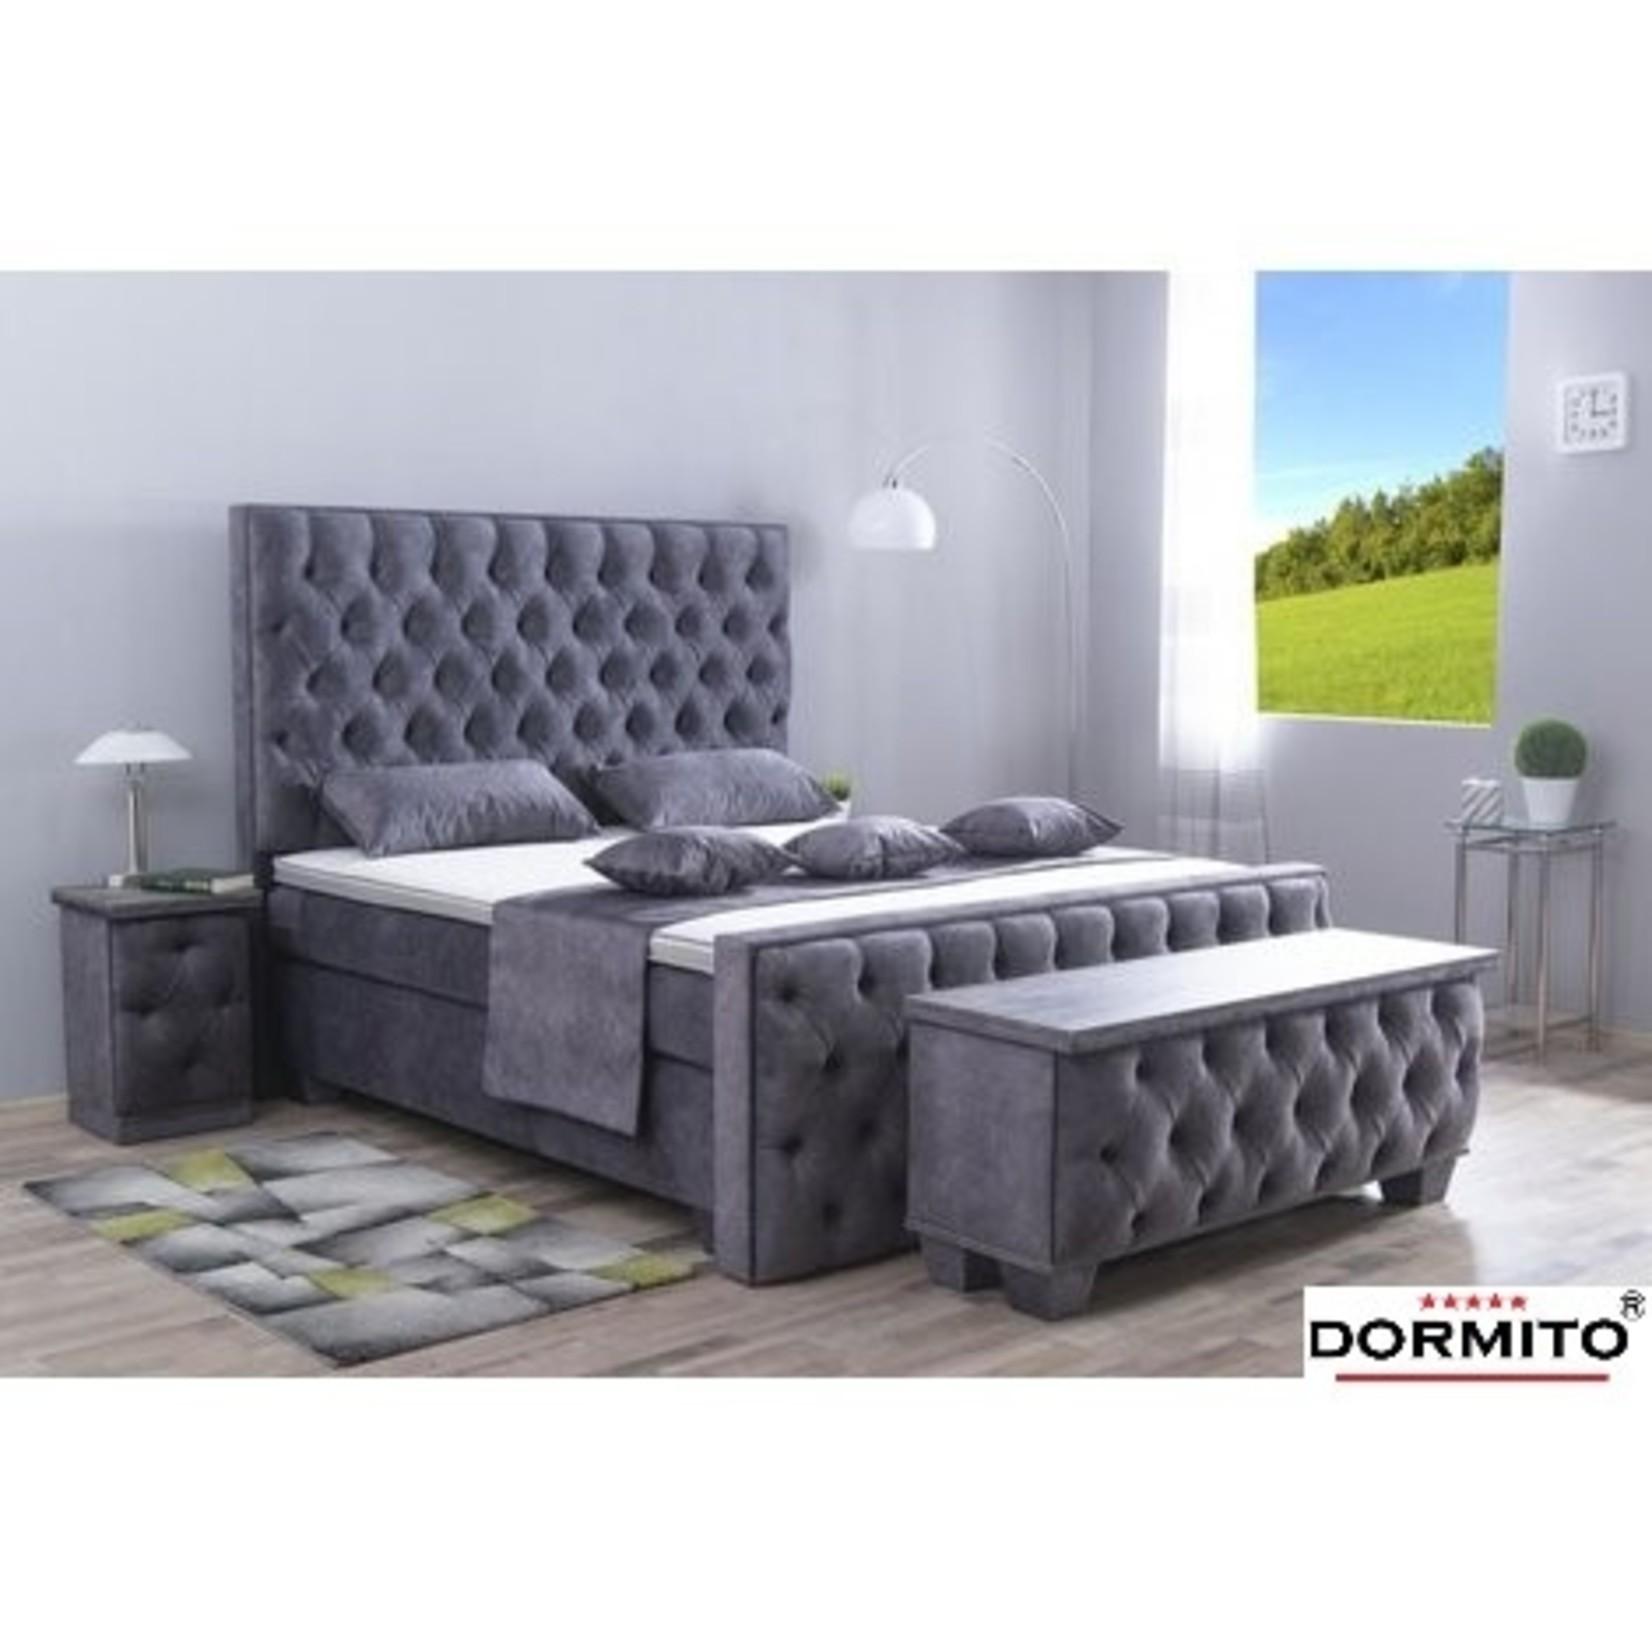 Dormito Boxspring Palermo